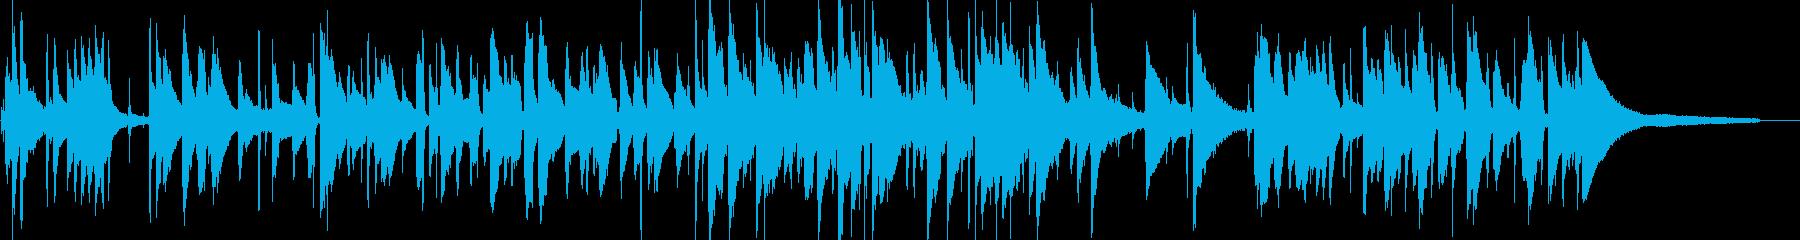 伝統的 ジャズ ビバップ 感情的 ...の再生済みの波形